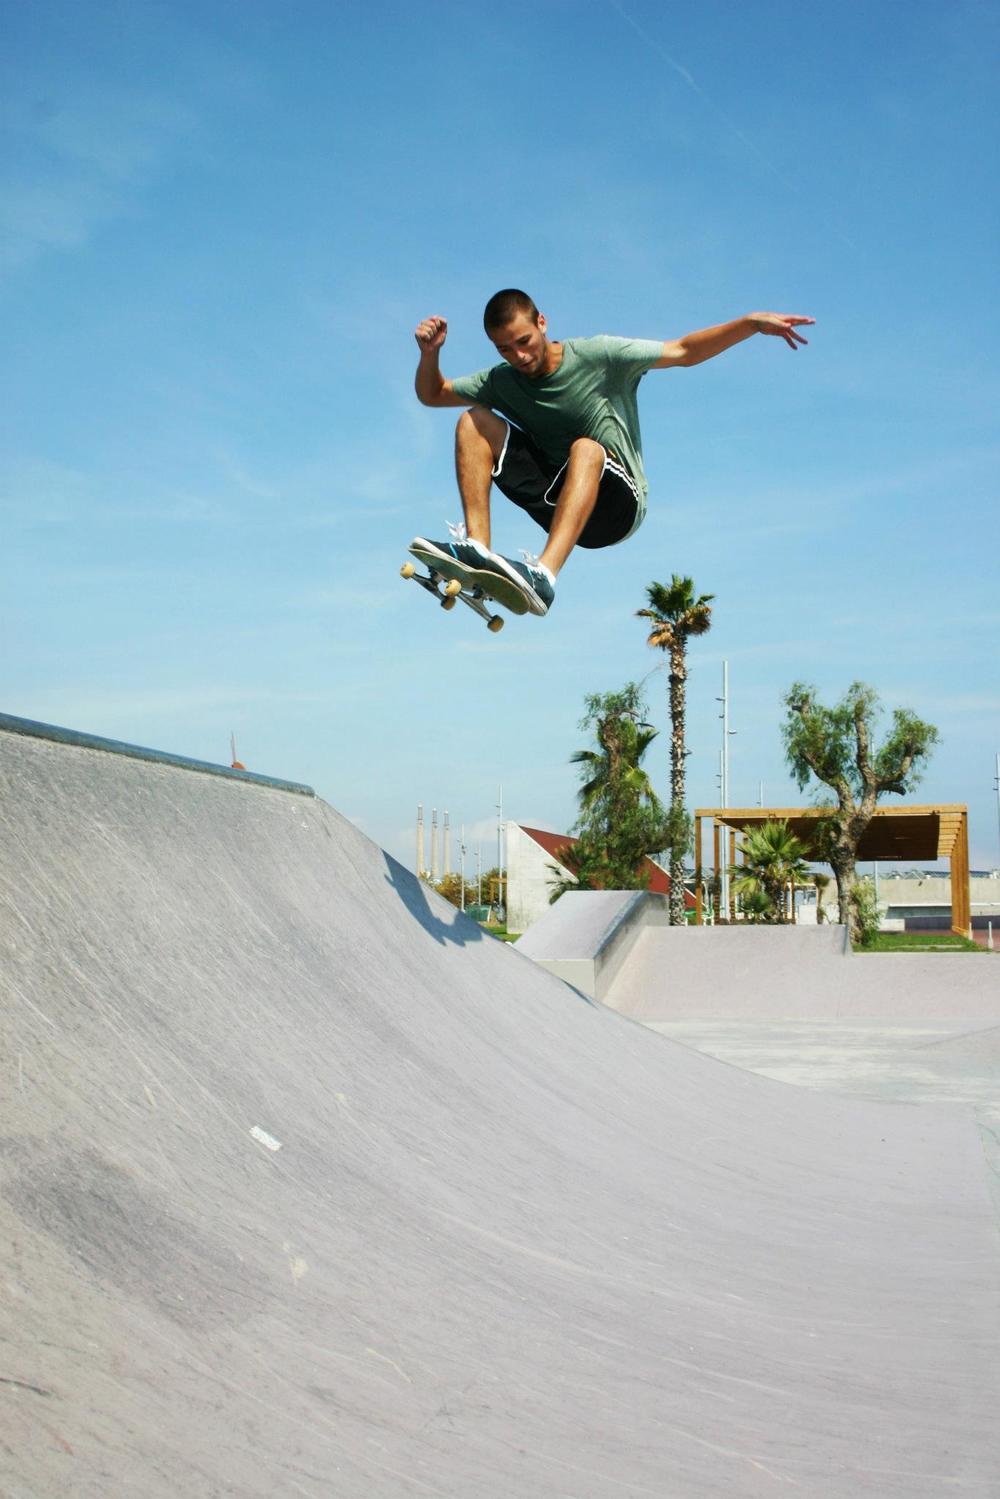 skateboarding in barcelona.jpg